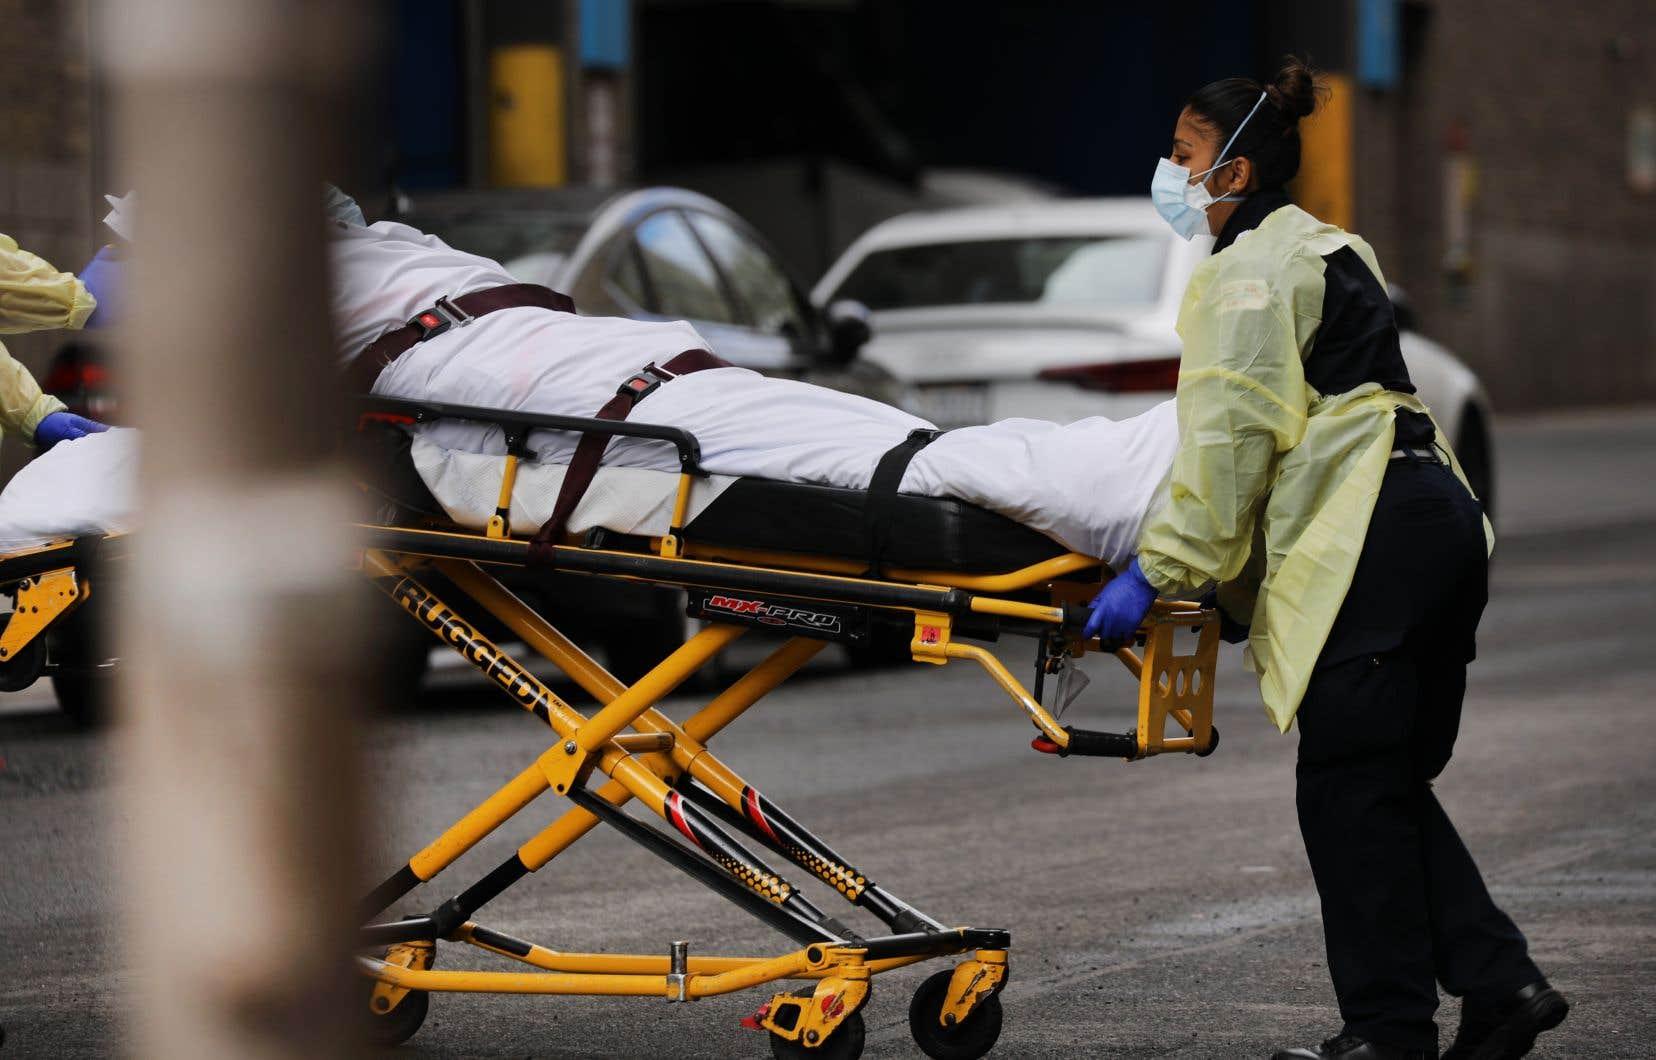 L'État déplore désormais 3565 morts et plus de 113000 cas, presque autant qu'en Italie ou en Espagne, où les bilans des victimes sont les plus lourds.